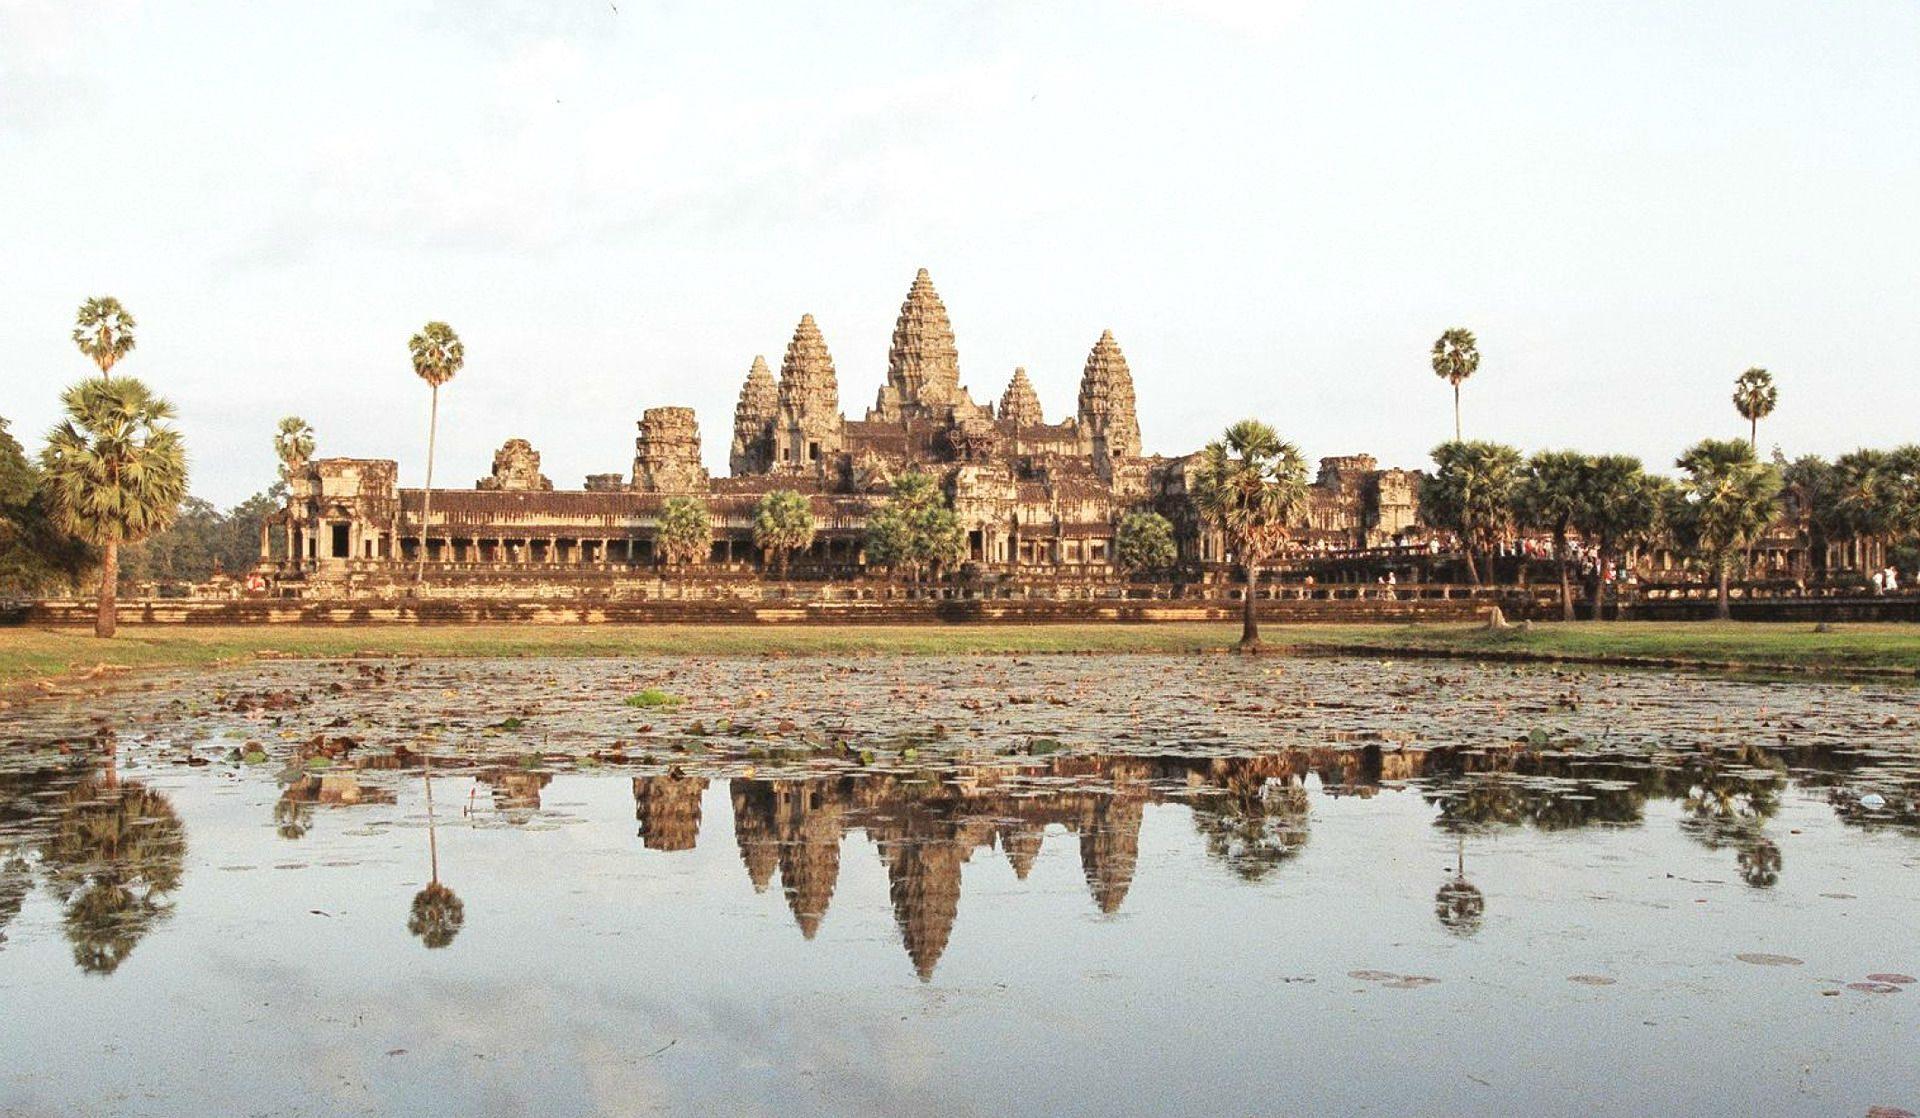 Kloster- und Tempelanlage Angkor Wat